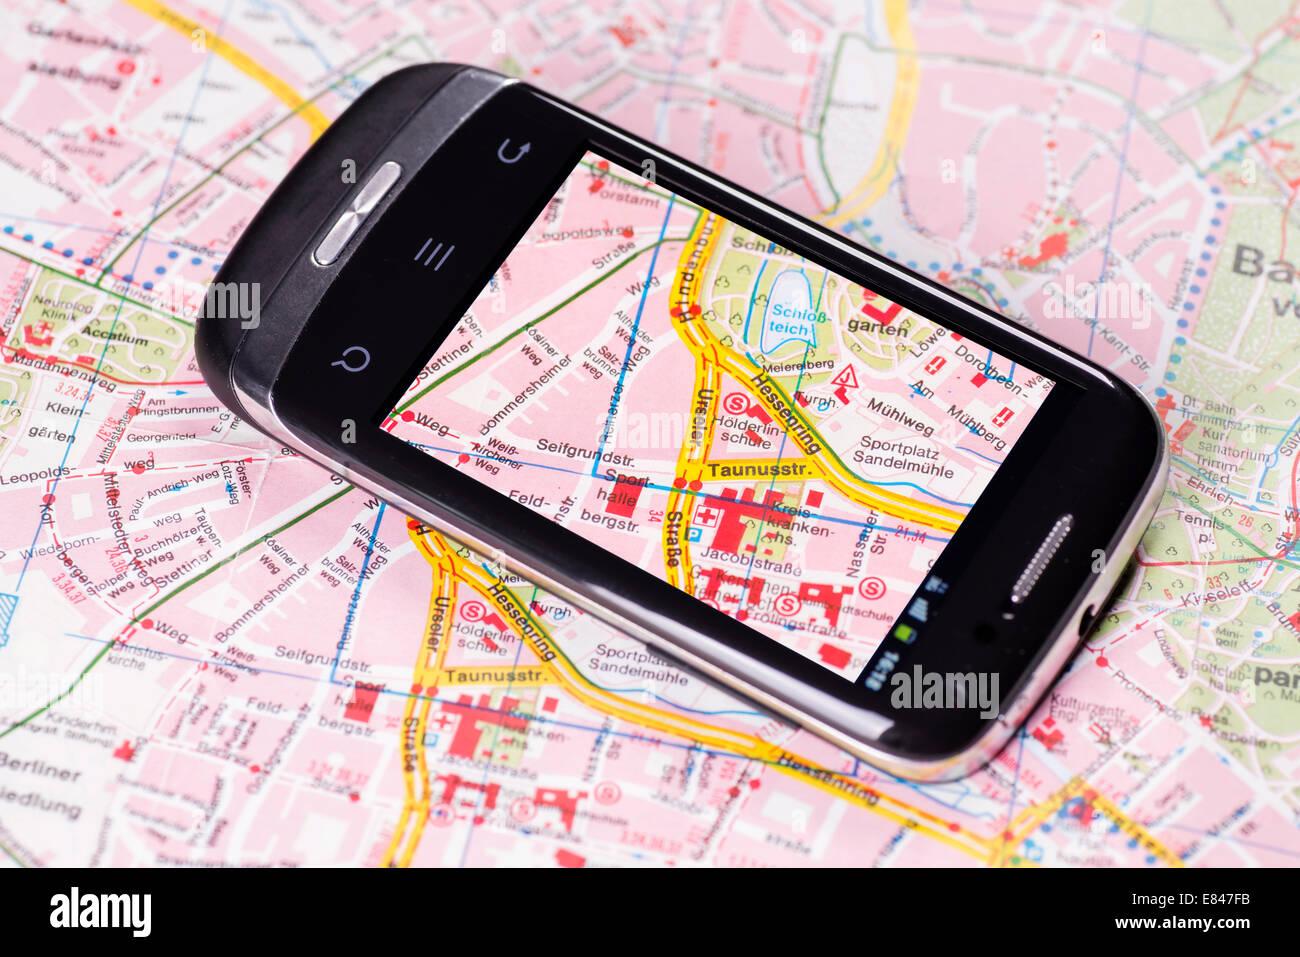 Smartphone mit Kartenansicht befindet sich auf einer gedruckten Karte. Stockbild